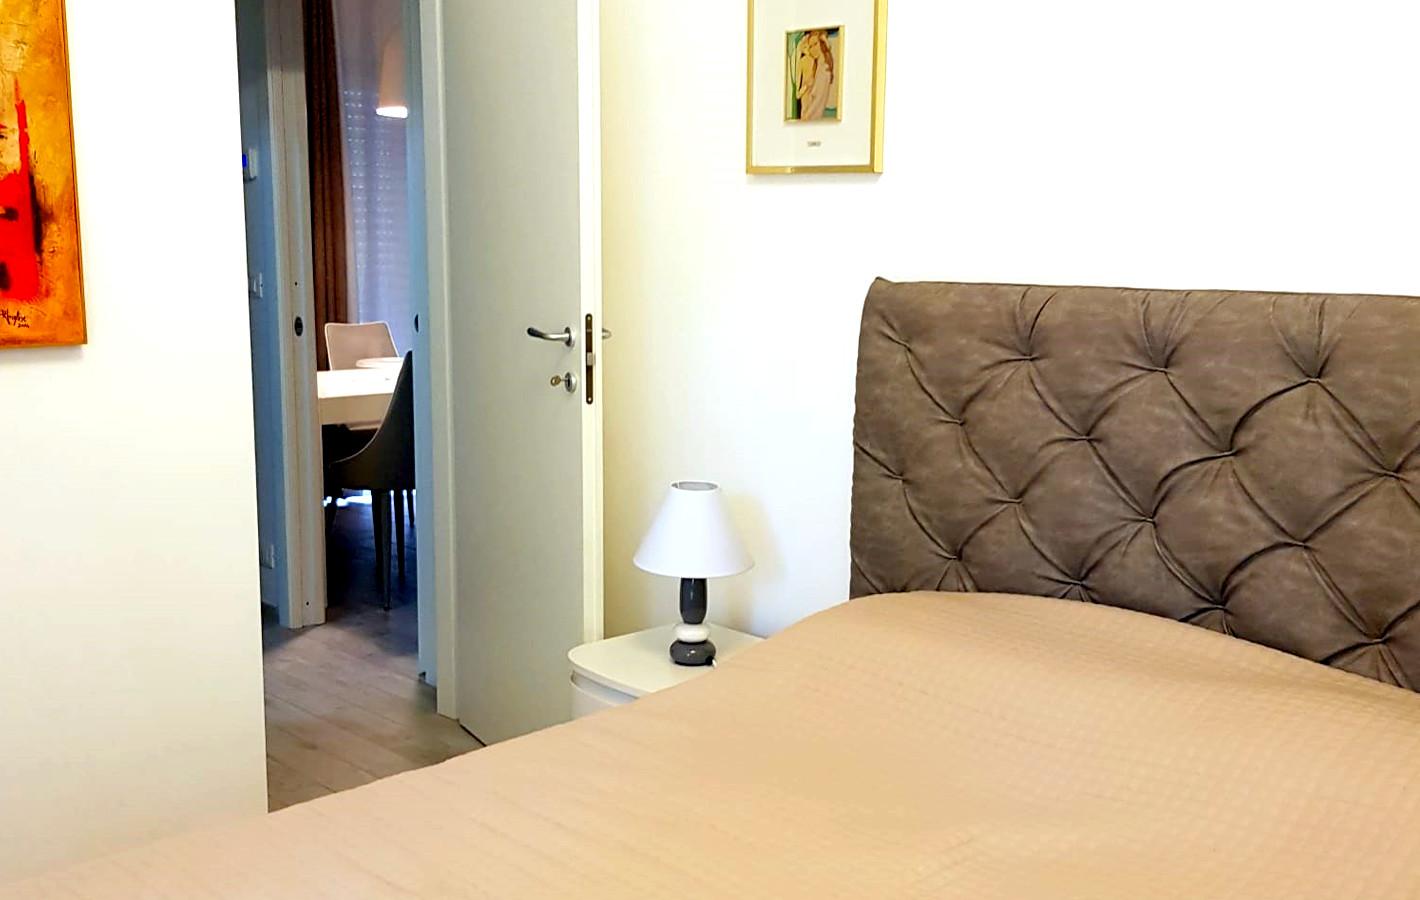 camera letto interno rif. 13